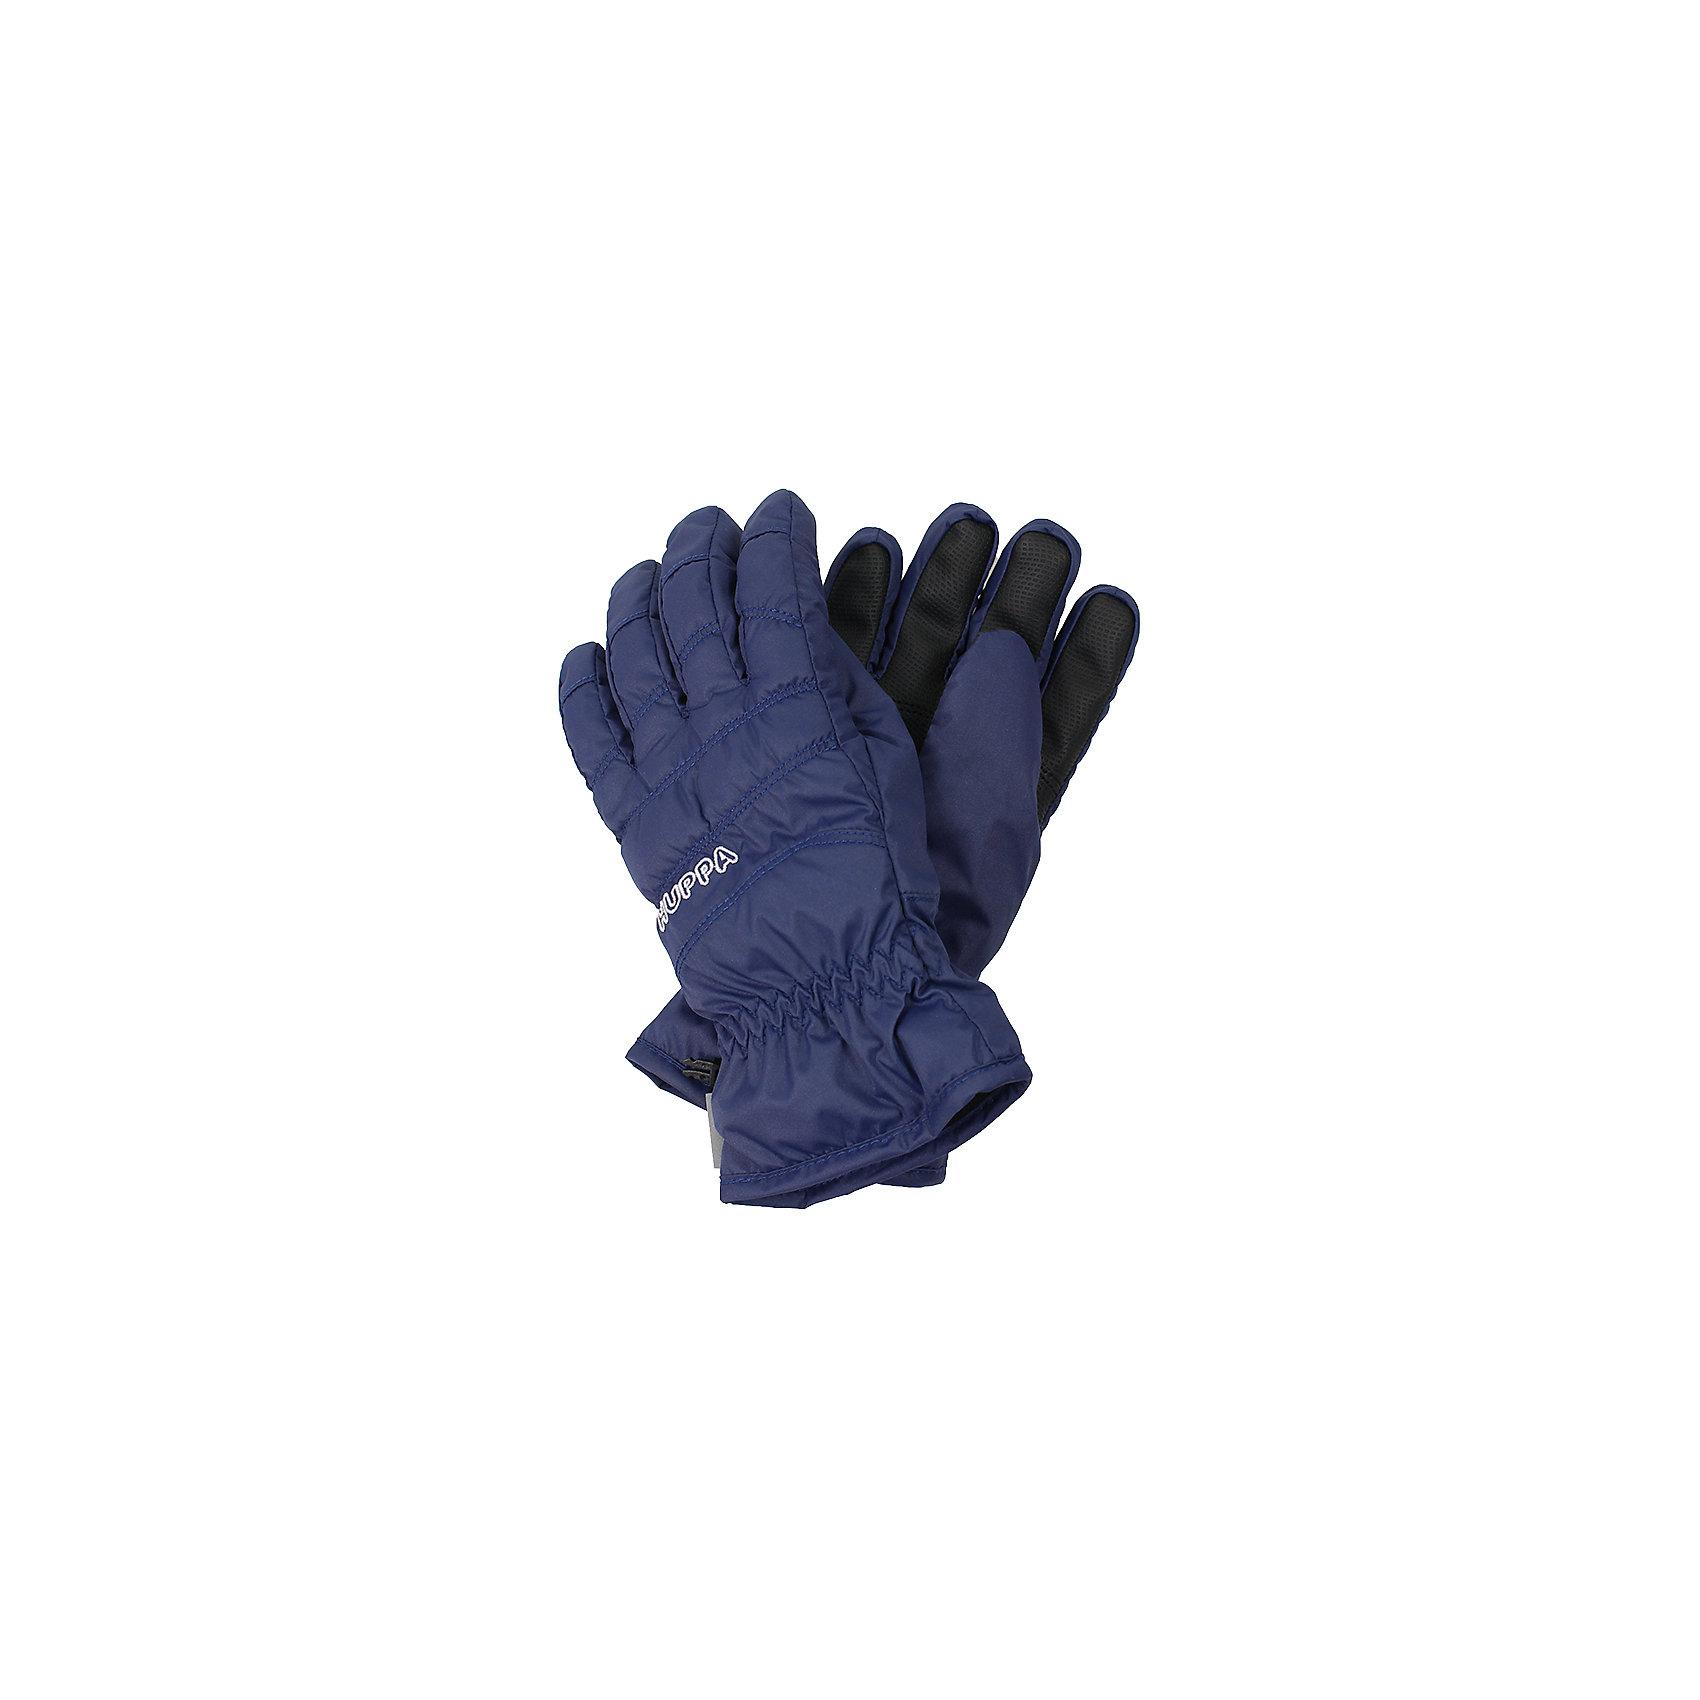 Перчатки Huppa RadfordПерчатки, варежки<br>Характеристики товара:<br><br>• модель: Radford;<br>• цвет: фиолетовый;<br>• состав: 100% полиэстер; <br>• подкладка: 100% полиэстер, флис;<br>• утеплитель: синтетический пух;<br>• сезон: зима;<br>• температурный режим: от 0°С до -20°С;<br>• водонепроницаемость: 5000 мм;<br>• воздухопроницаемость: 5000 мм;<br>• водо- и ветронепроницаемый, дышащий материал;<br>• усиленная вставка на ладони;<br>• светоотражающие детали;<br>• страна бренда: Финляндия;<br>• страна изготовитель: Эстония.<br><br>Теплые зимние перчатки на флисовой подкладке. Материал водонепроницаем, что позволит сохранить ручки сухими. Перчатки с усилением на ладони.<br><br>Перчатки Huppa Radford (Хуппа) можно купить в нашем интернет-магазине.<br><br>Ширина мм: 162<br>Глубина мм: 171<br>Высота мм: 55<br>Вес г: 119<br>Цвет: синий<br>Возраст от месяцев: 96<br>Возраст до месяцев: 120<br>Пол: Унисекс<br>Возраст: Детский<br>Размер: 4,6,8<br>SKU: 7024222